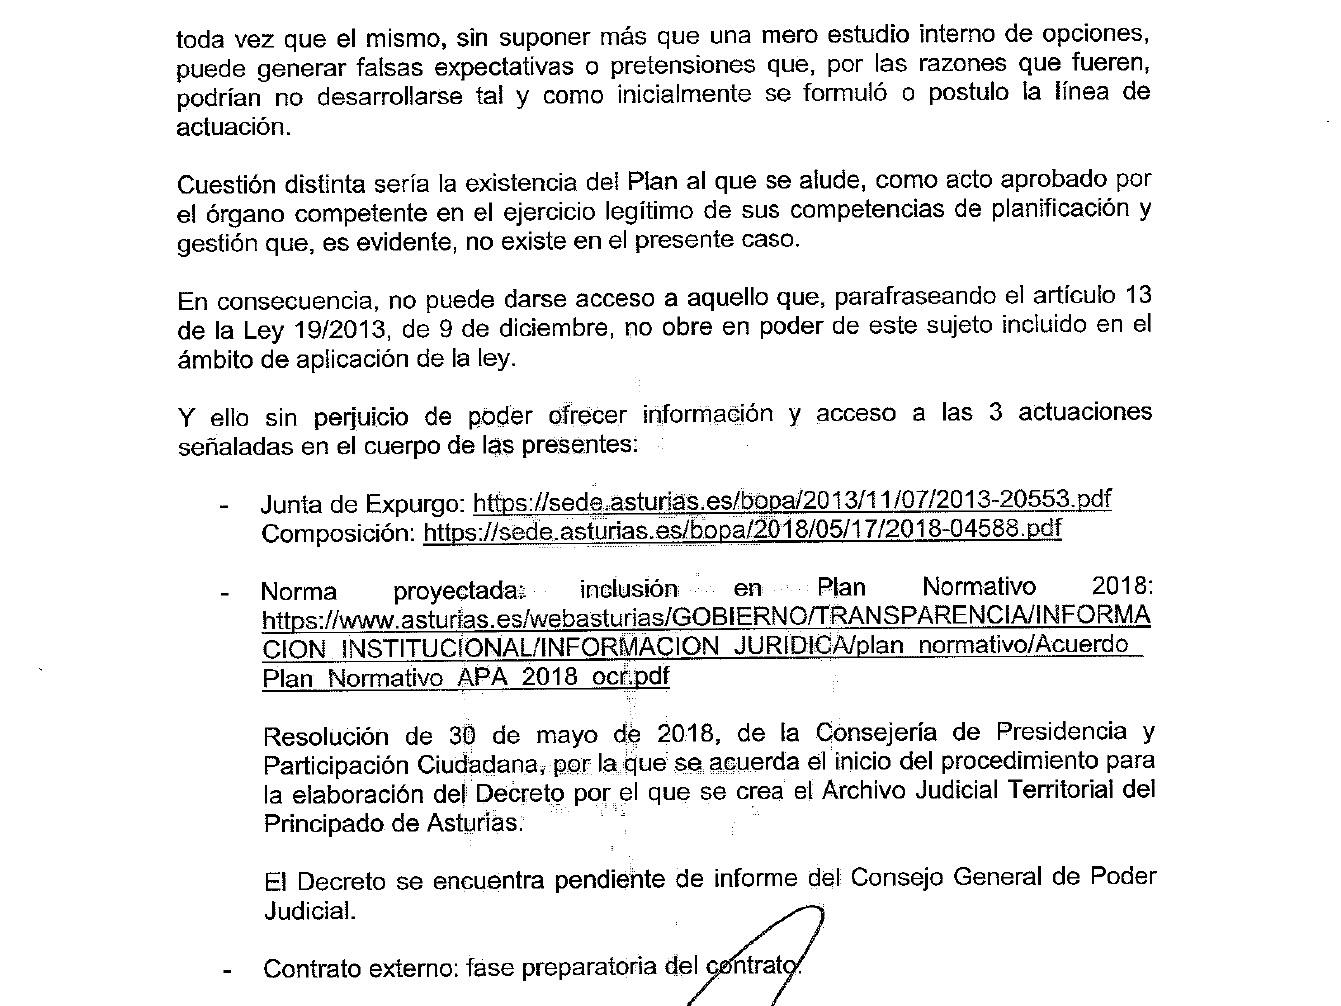 TRANSPARENCIA: DESESTIMADO POR INEXISTENCIA DEL DOCUMENTO